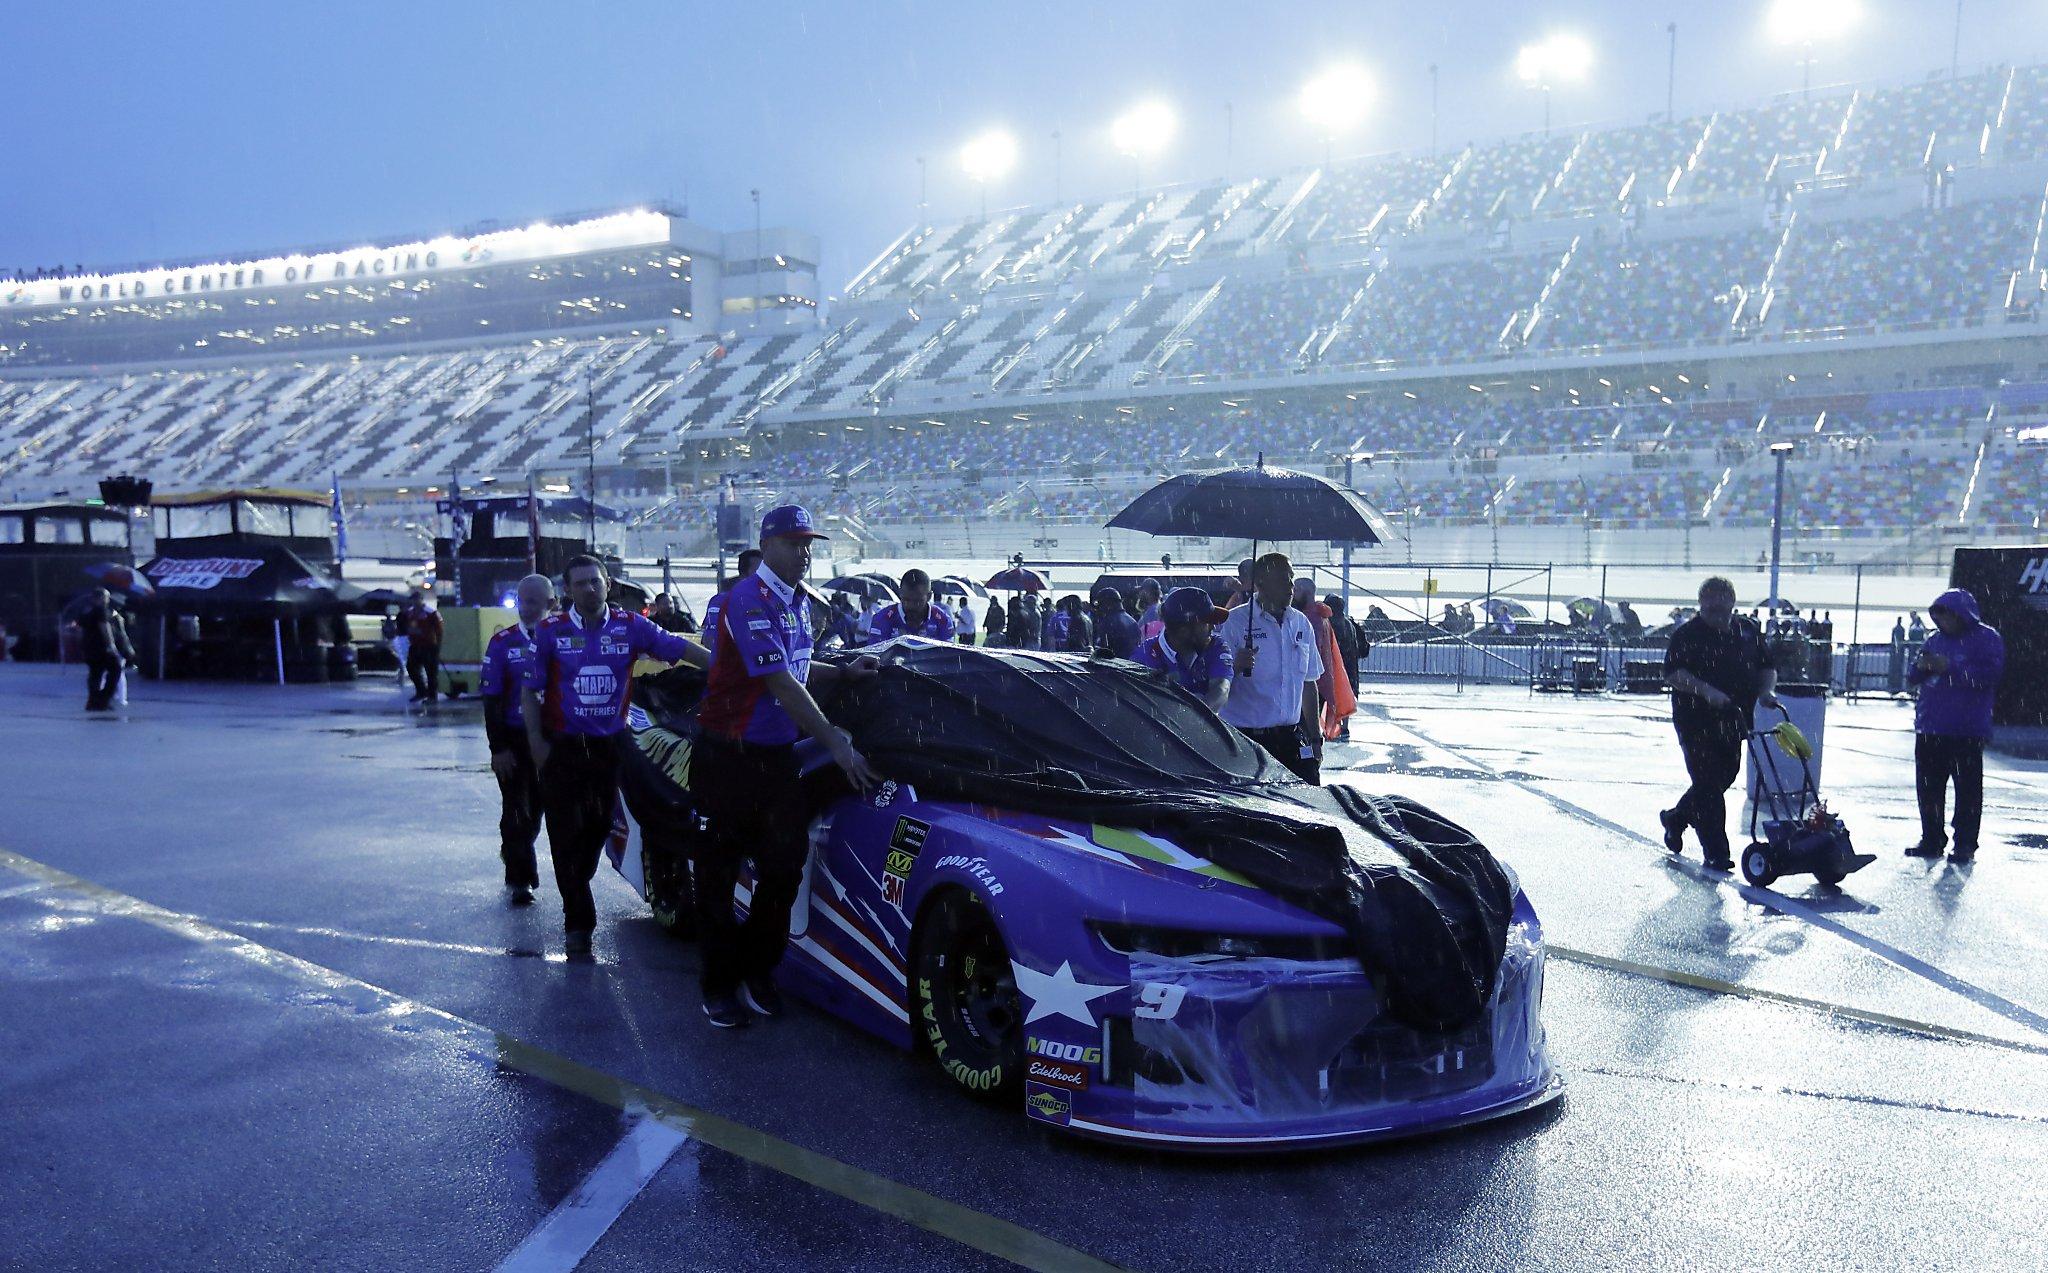 Daytona 500 postponed by rain, rescheduled for Monday